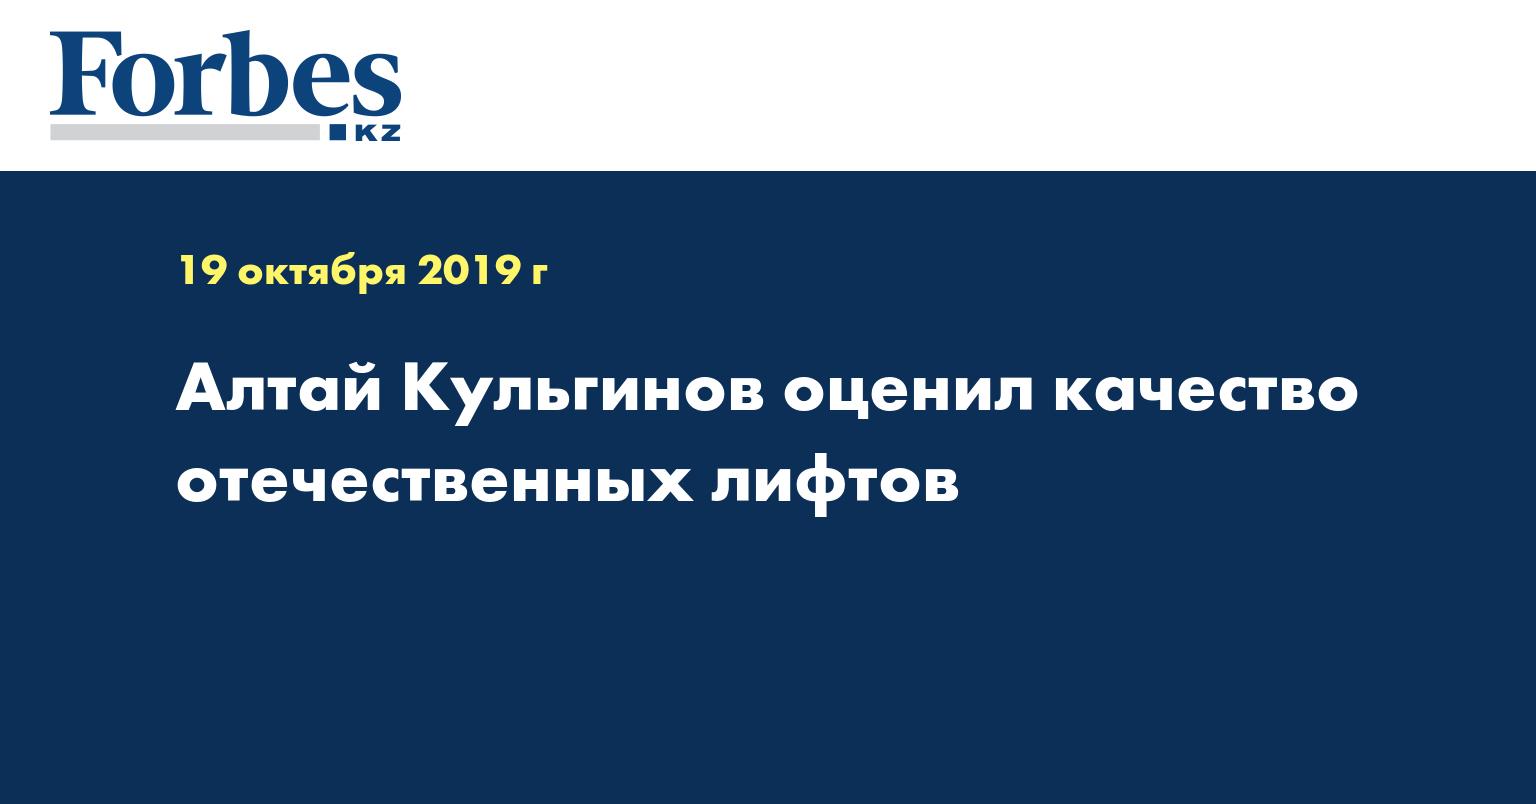 Алтай Кульгинов оценил качество отечественных лифтов